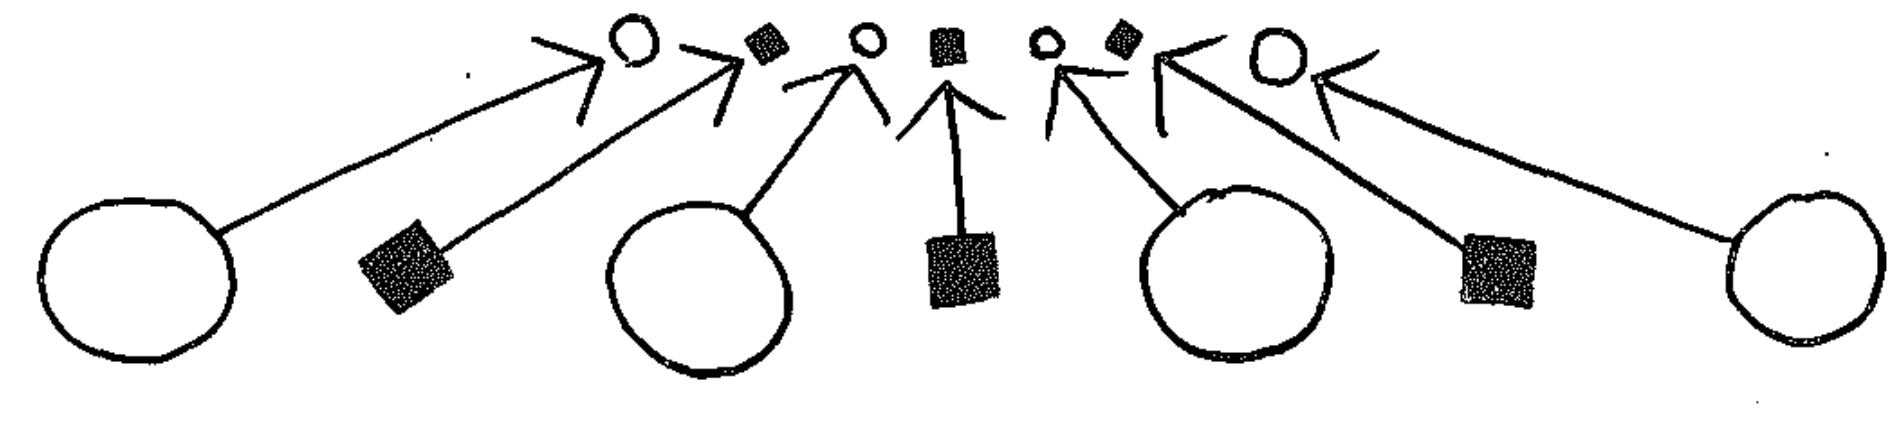 脱グループ活動の手はじめに、脱グループメンバーは問題意識と具体的な問題事実をもち寄ってプロジェクトチームをつくりはじめる。